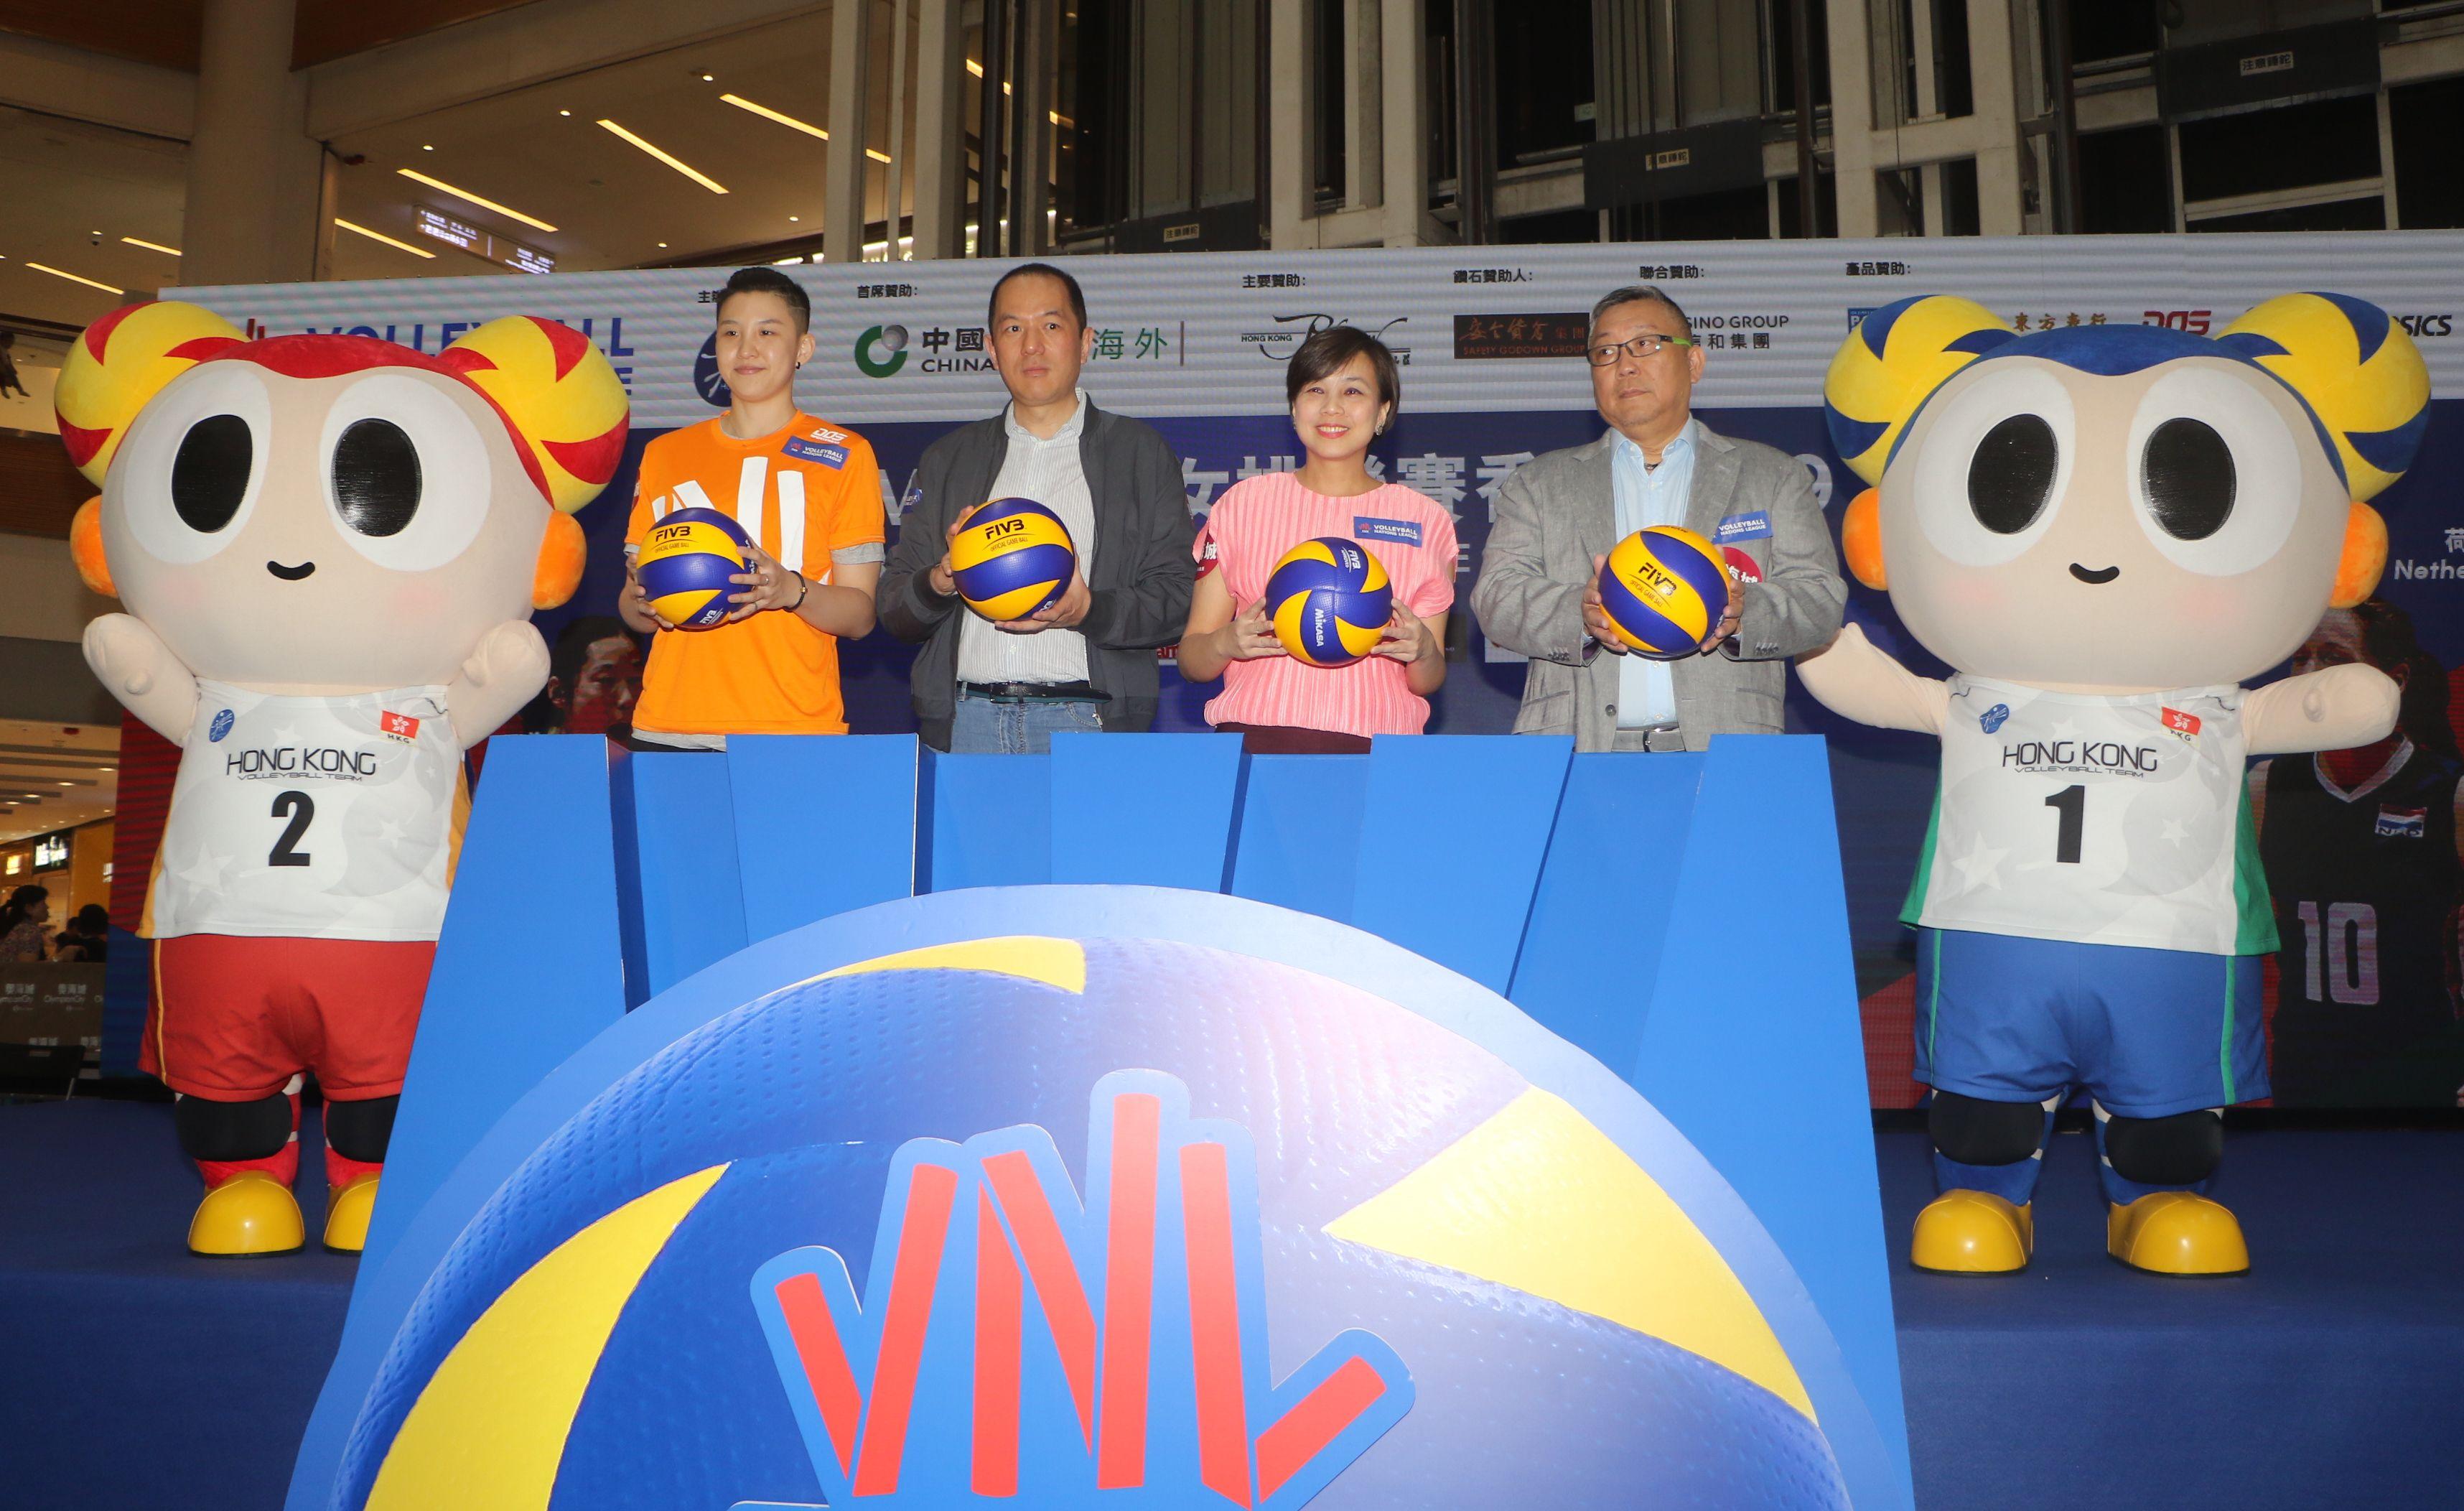 吳守基更透露已邀請多位中國名宿如周蘇紅和楊昊現身與球迷同樂。王嘉豪攝